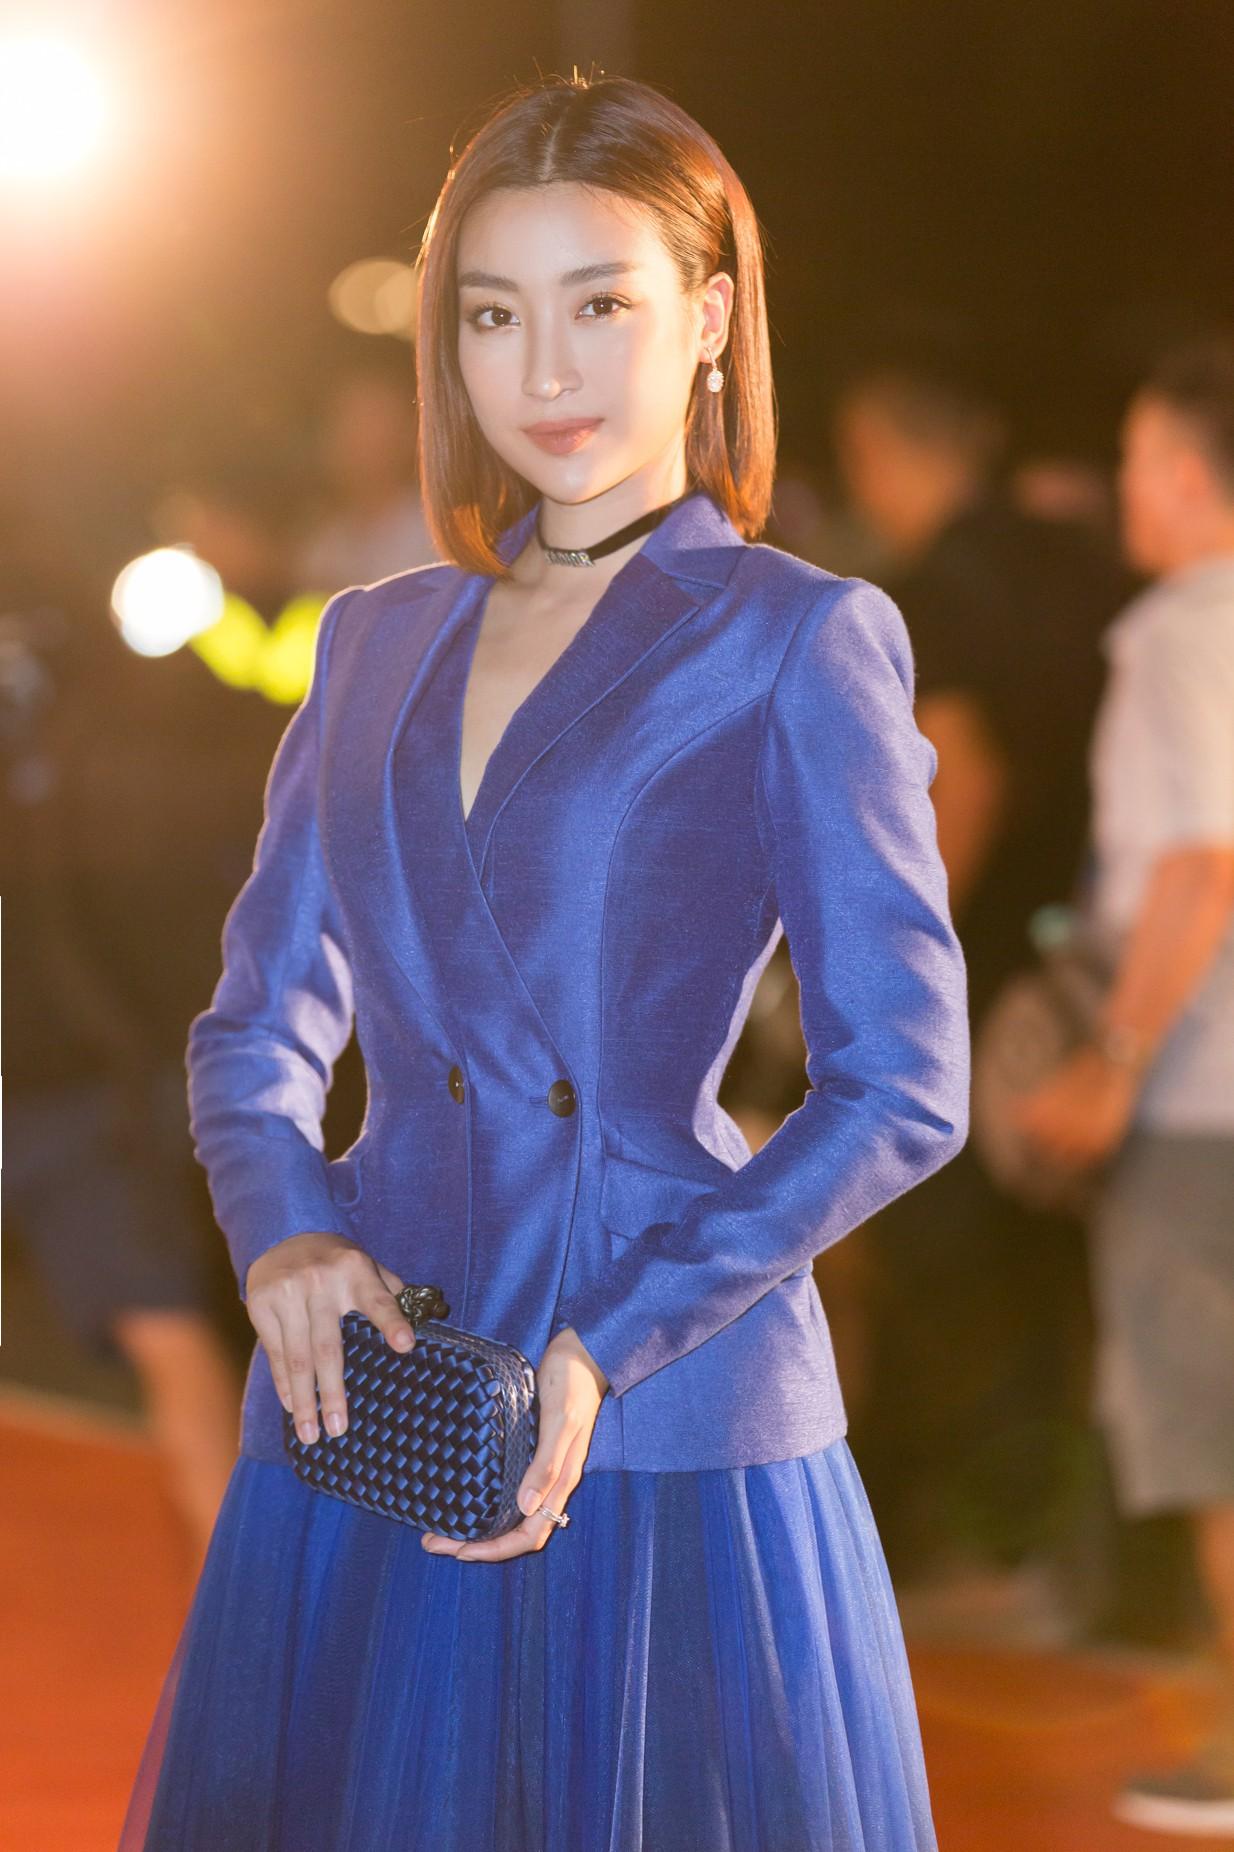 Mỹ Linh nổi bần bật xuất hiện sau nghi án tình ái, Tiểu Vy khoe khéo vòng 1 trên thảm đỏ Chung khảo phía Bắc Miss World Việt Nam 2019 - Ảnh 2.